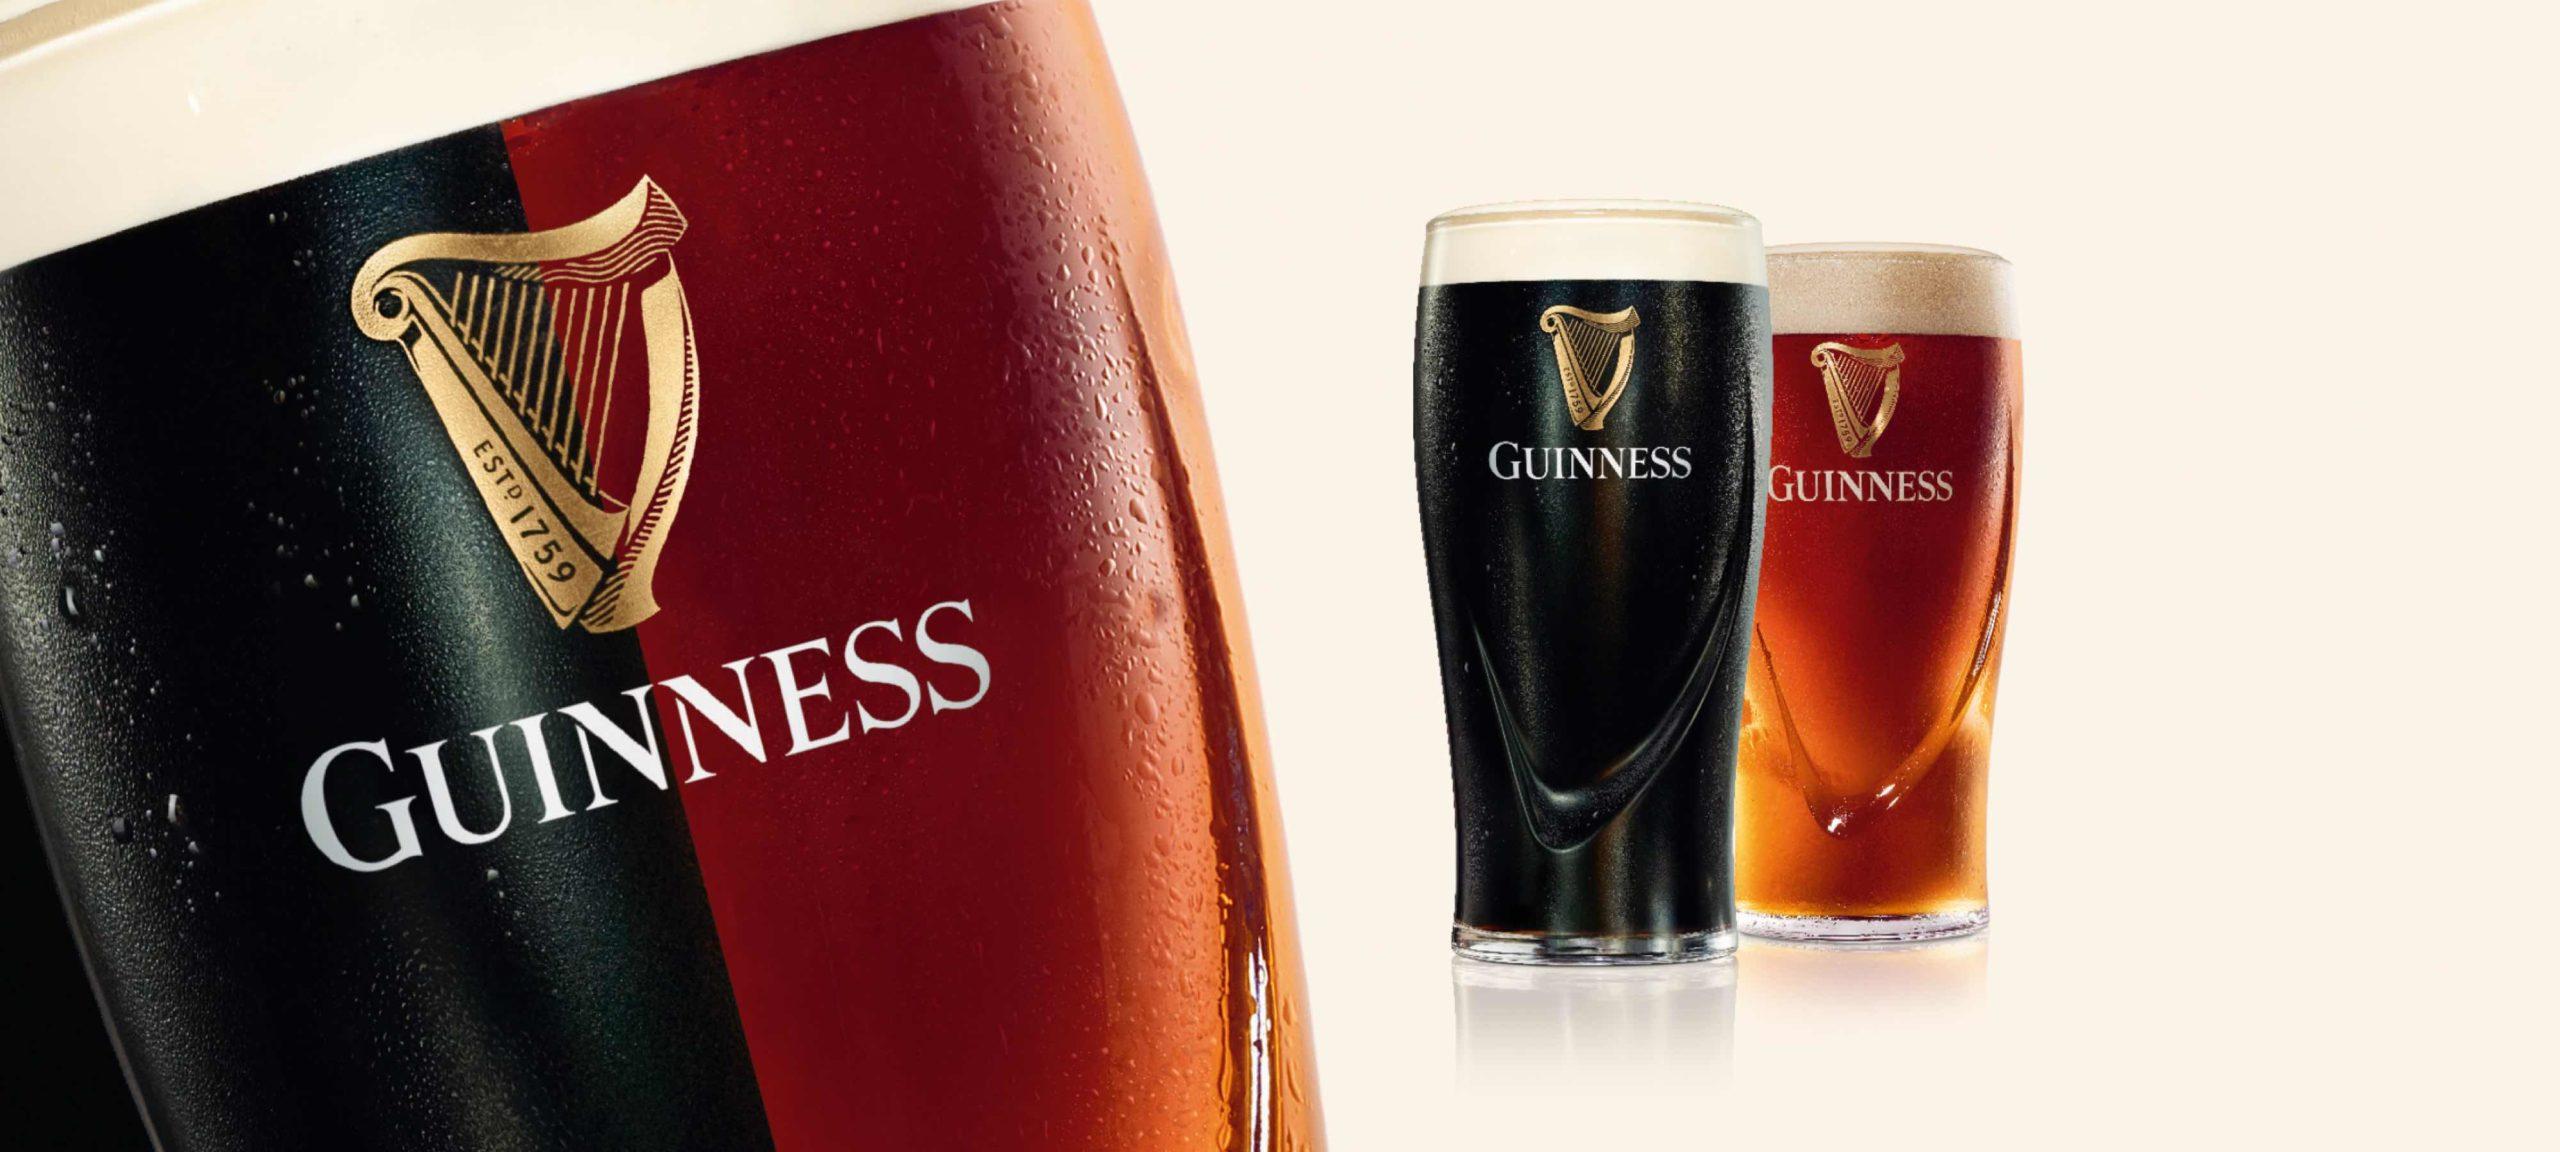 Guinness-Glas mit Logo und ein dunkles und helles Guinness im Hintergrund